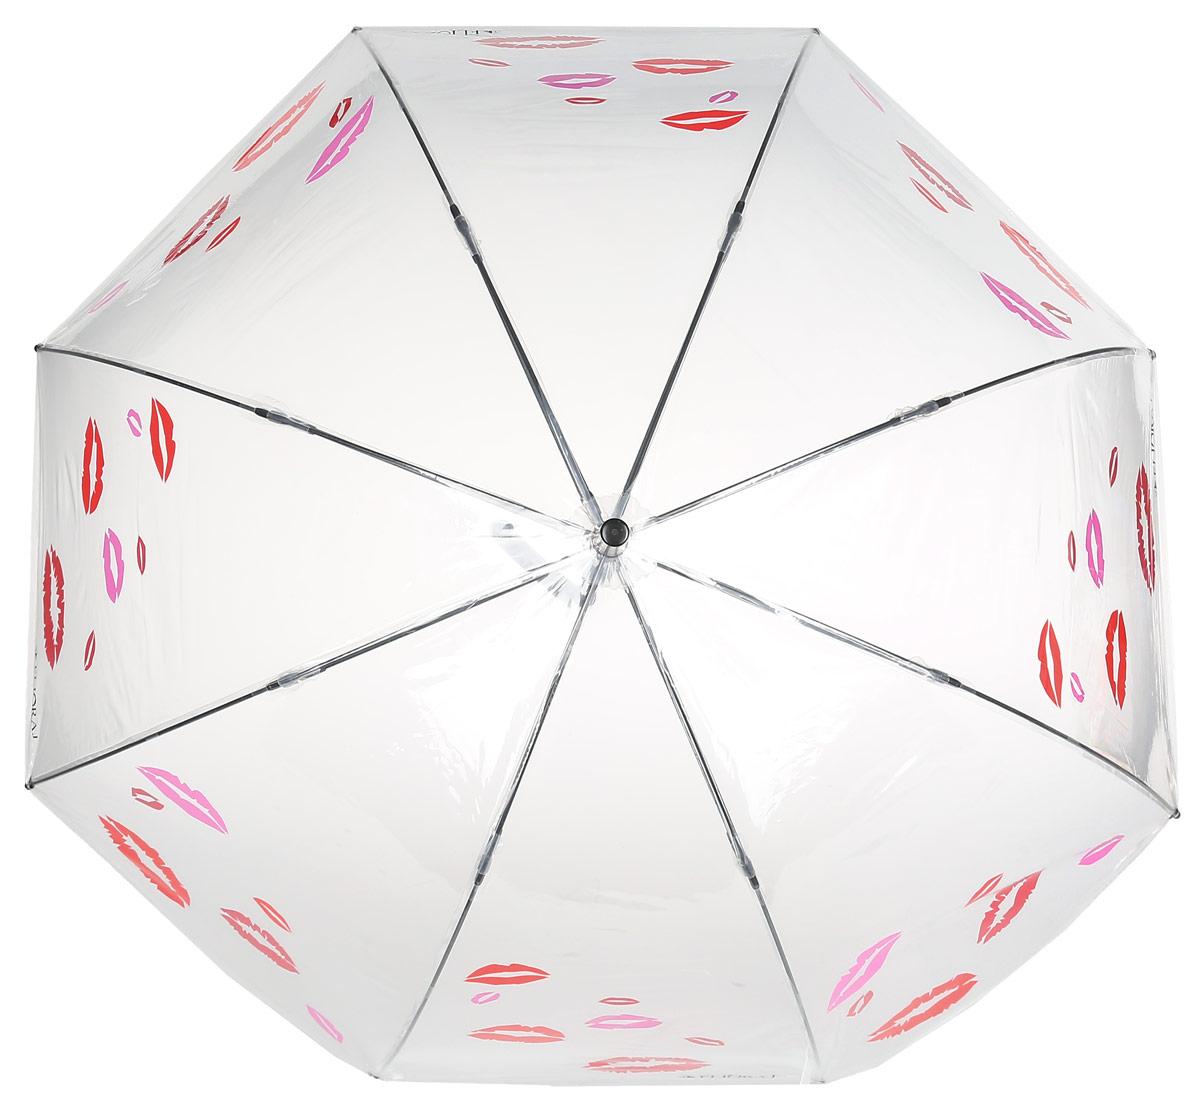 Зонт женский Flioraj, механика, трость, цвет: красный, белый. 121204 FJП250070003-9Элегантный зонт Flioraj выполнен из высококачественного полиэстера, не пропускающего воду. Уникальный каркас из анодированной стали, карбоновые спицы помогут выдержать натиск ураганного ветра. Улучшенный механизм зонта, максимально комфортная ручка держателя, увеличенный в длину стержень, тефлоновая пропитка материала купола - совершенство конструкции с изысканностью изделия на фоне конкурентоспособной цены.